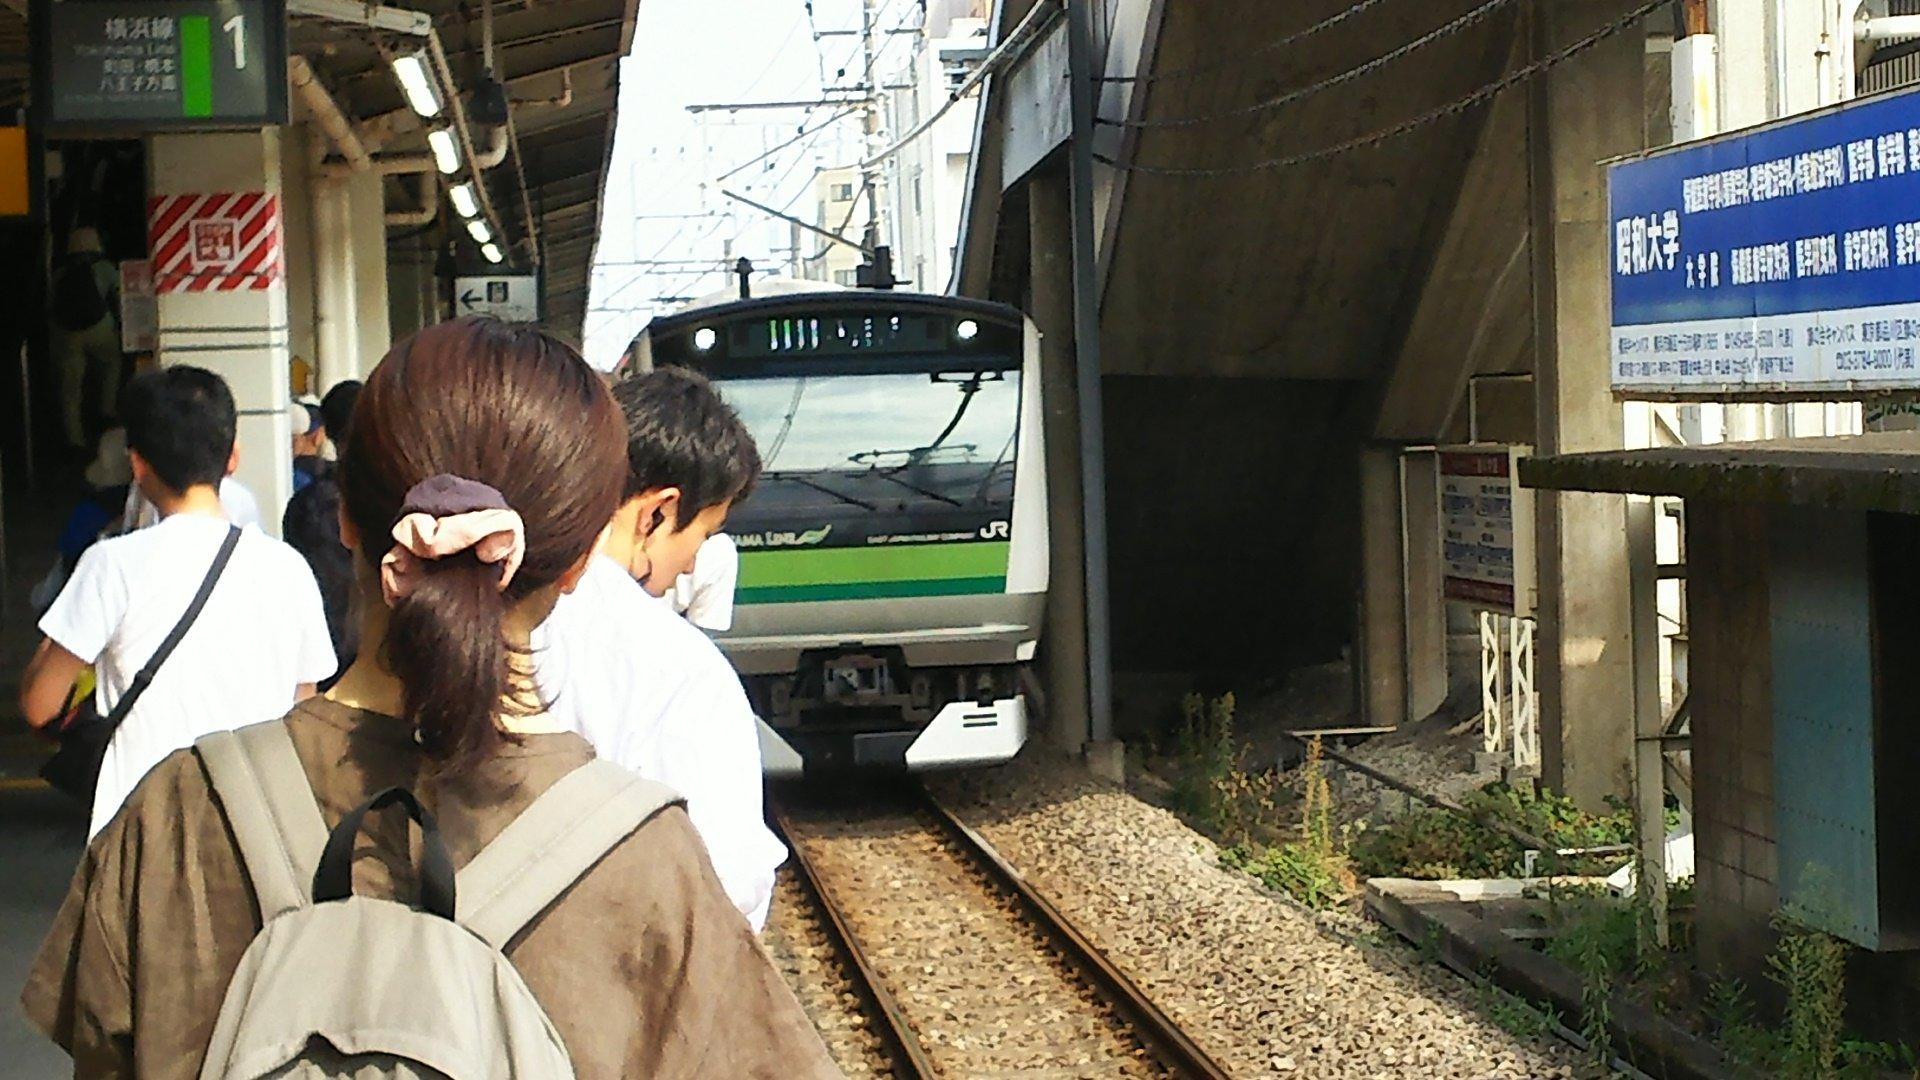 横浜線の長津田駅で人身事故が起きた現場の画像